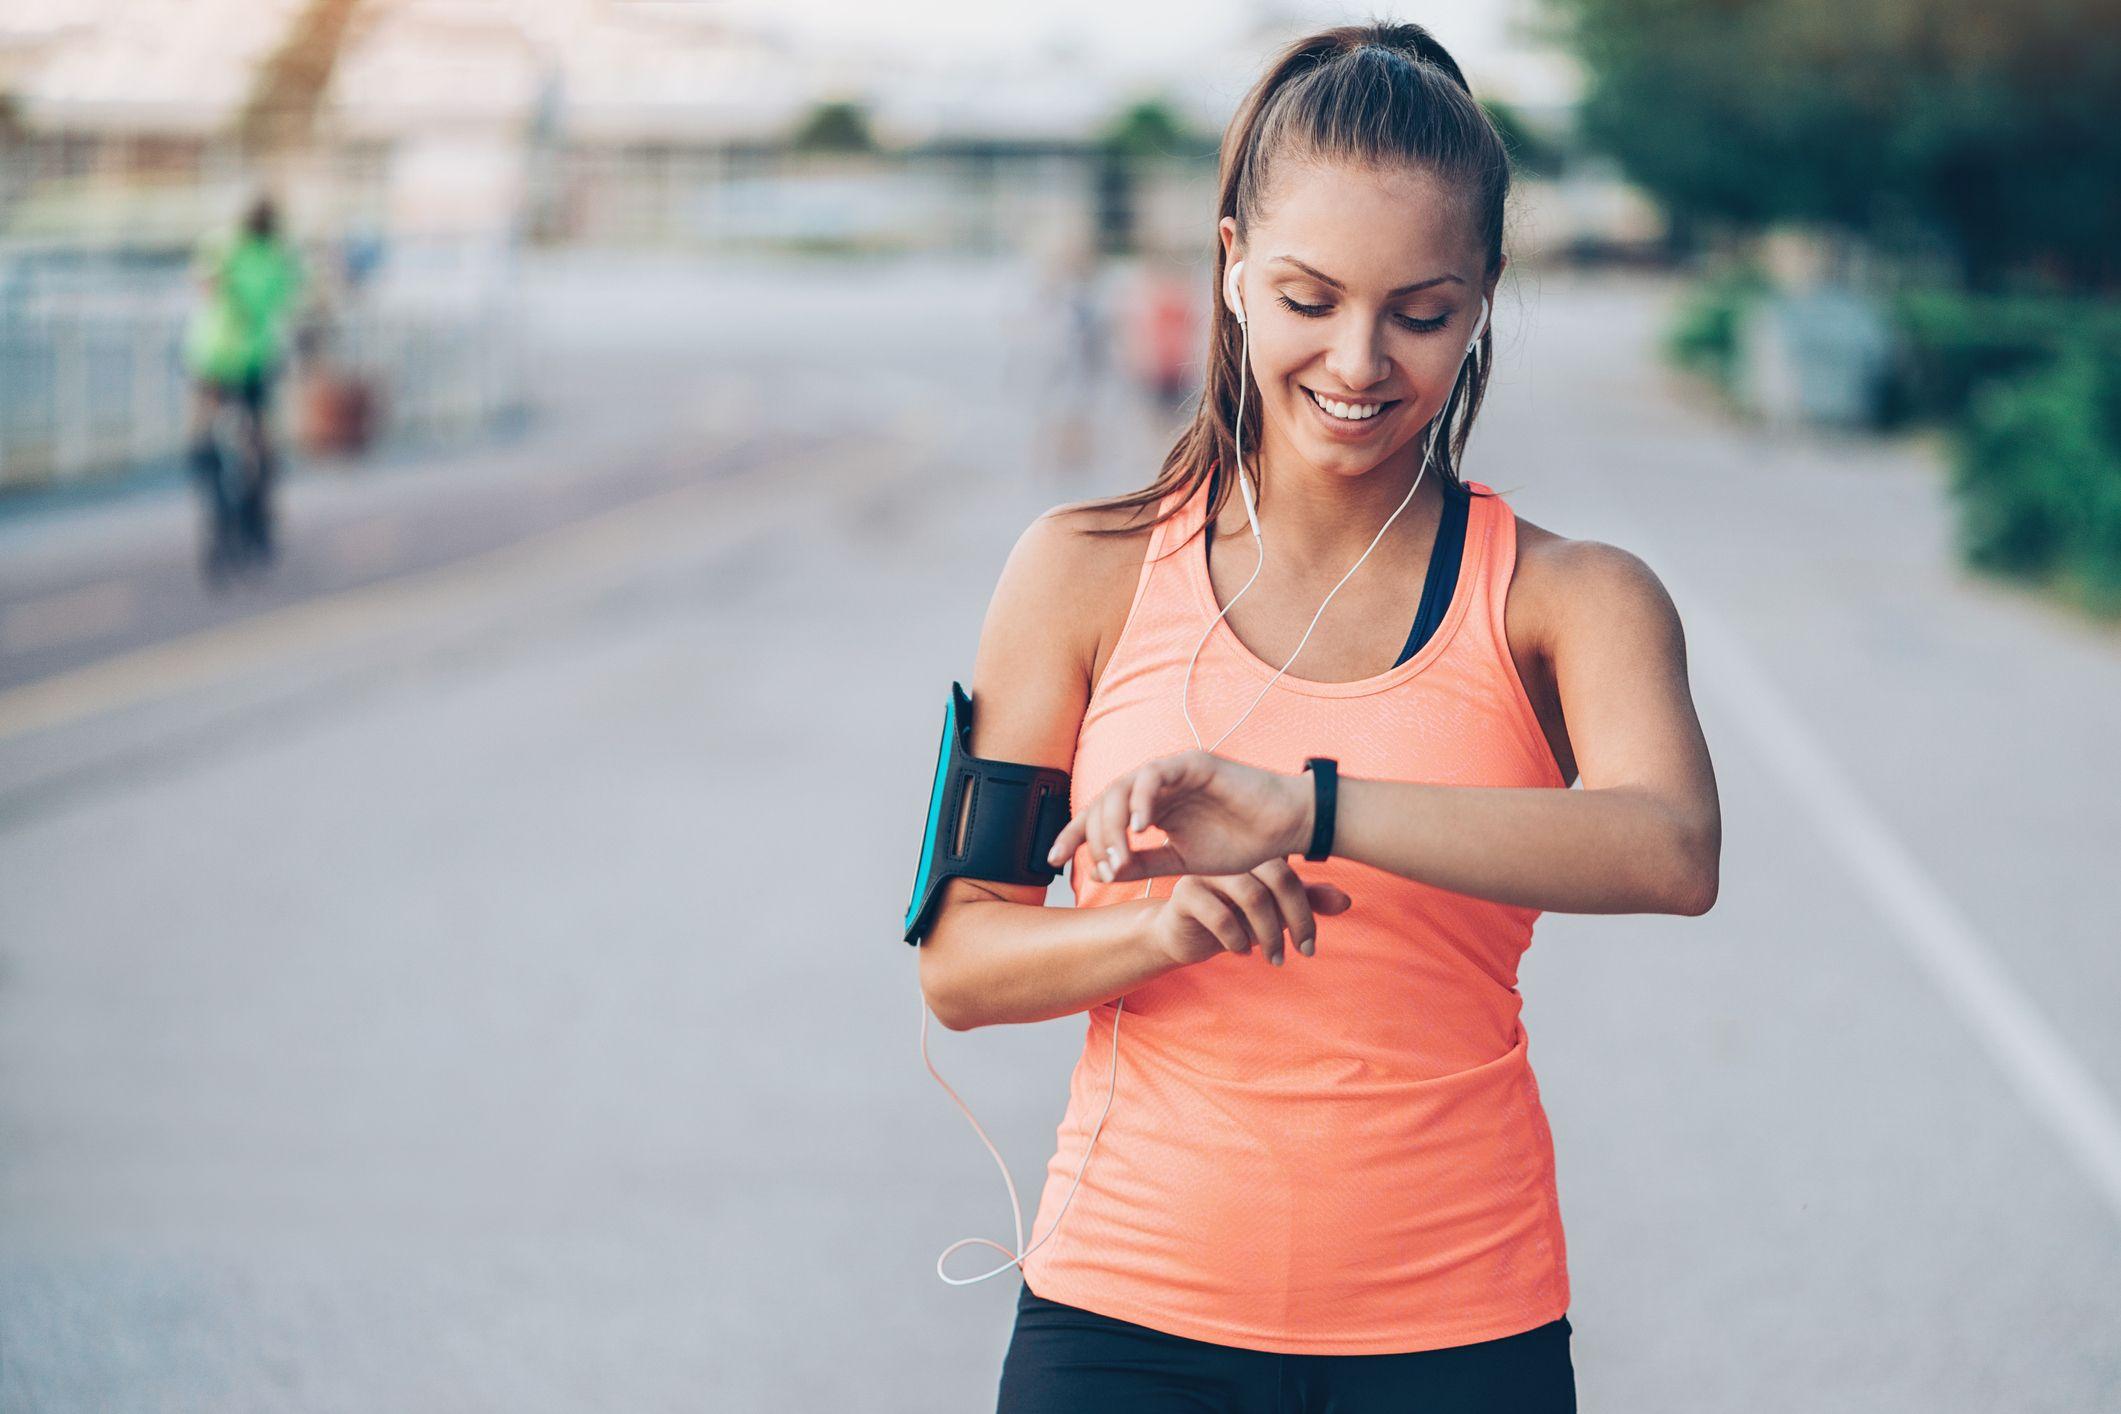 come perdere peso correre o camminare